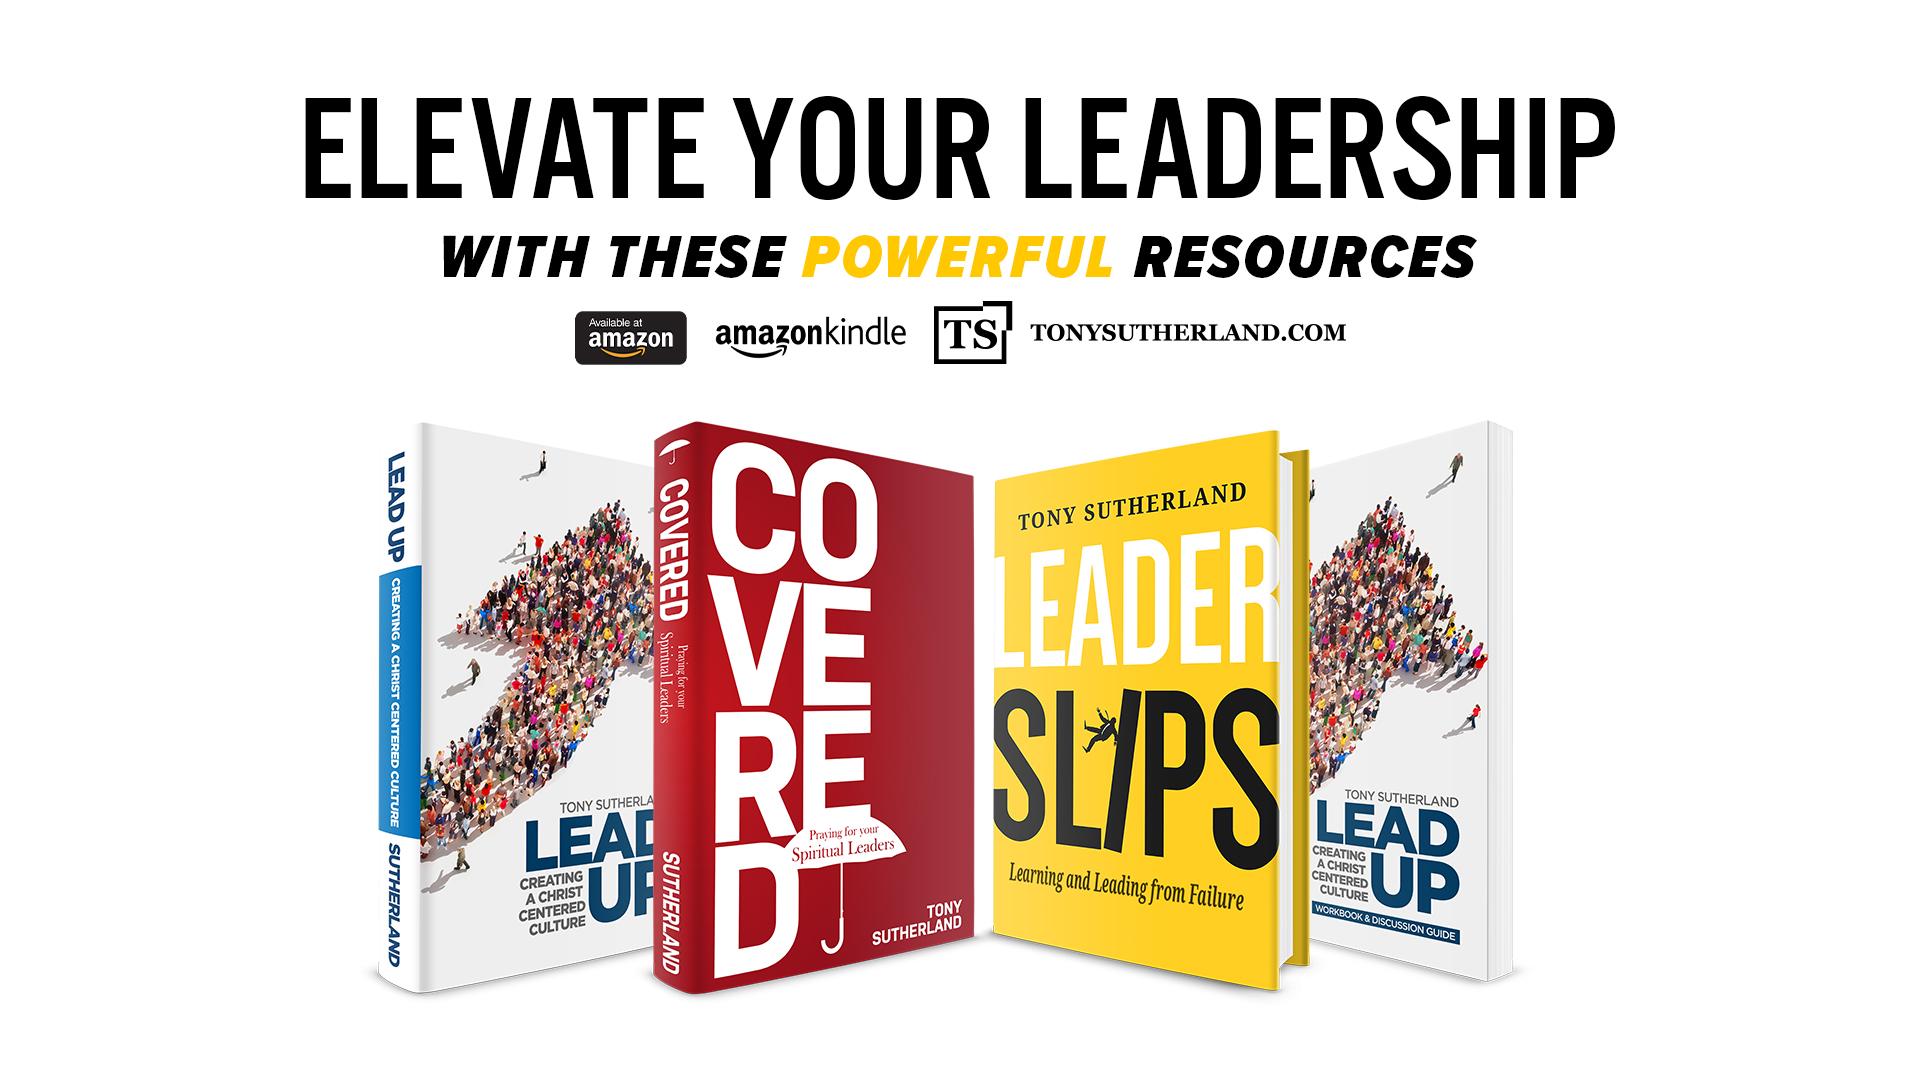 elevate_leadership.jpg